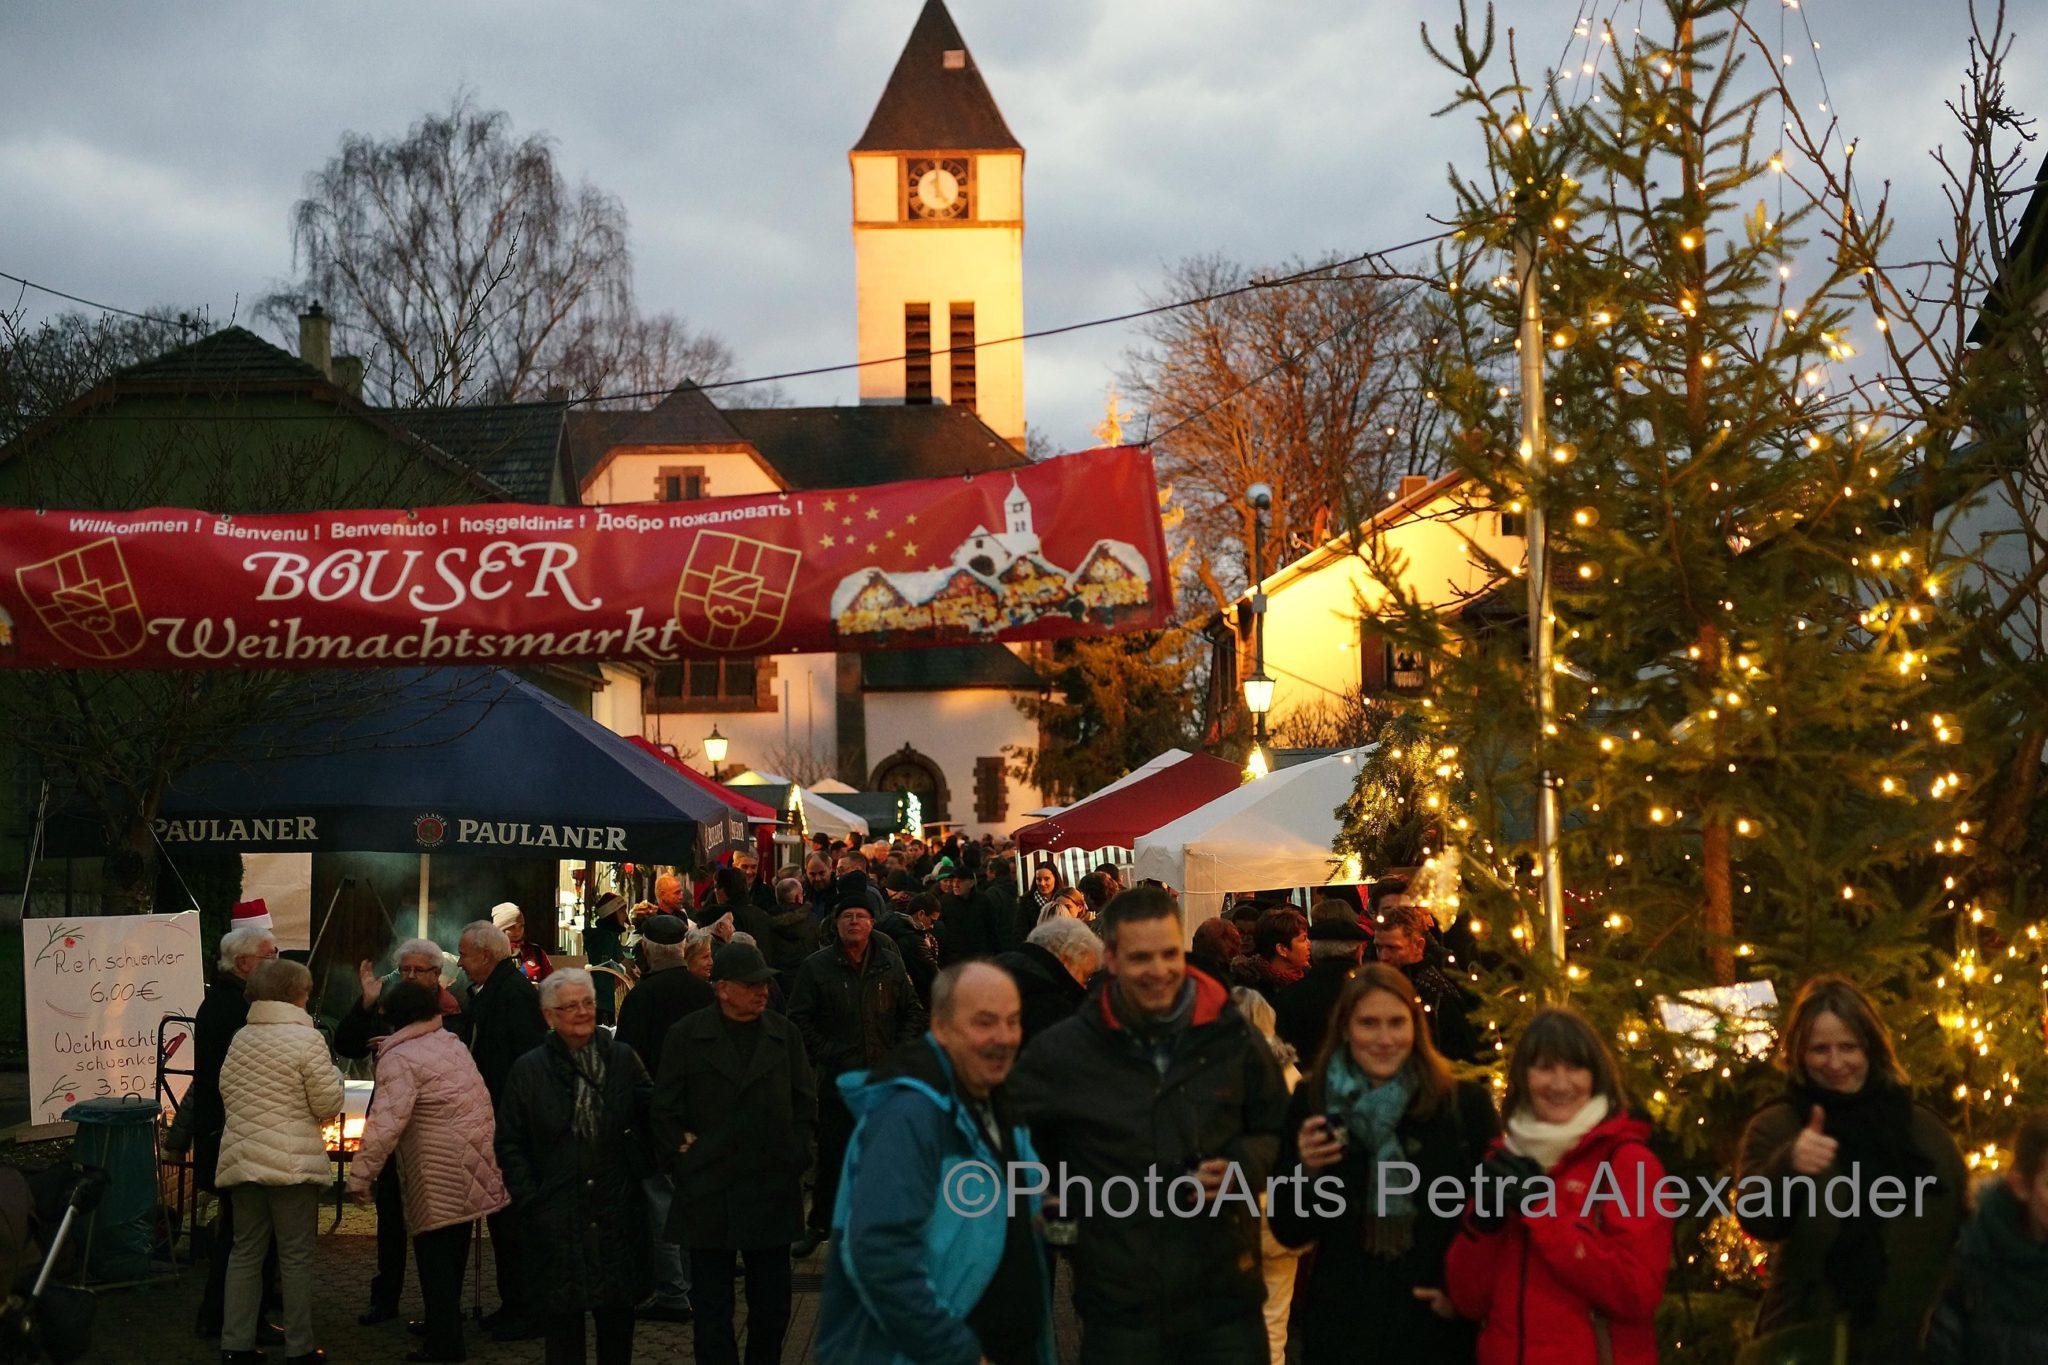 zu sehen ist der Eingangsbereich des Weihnachtsmarktes mit vielen Menschen und bunten Lichtern